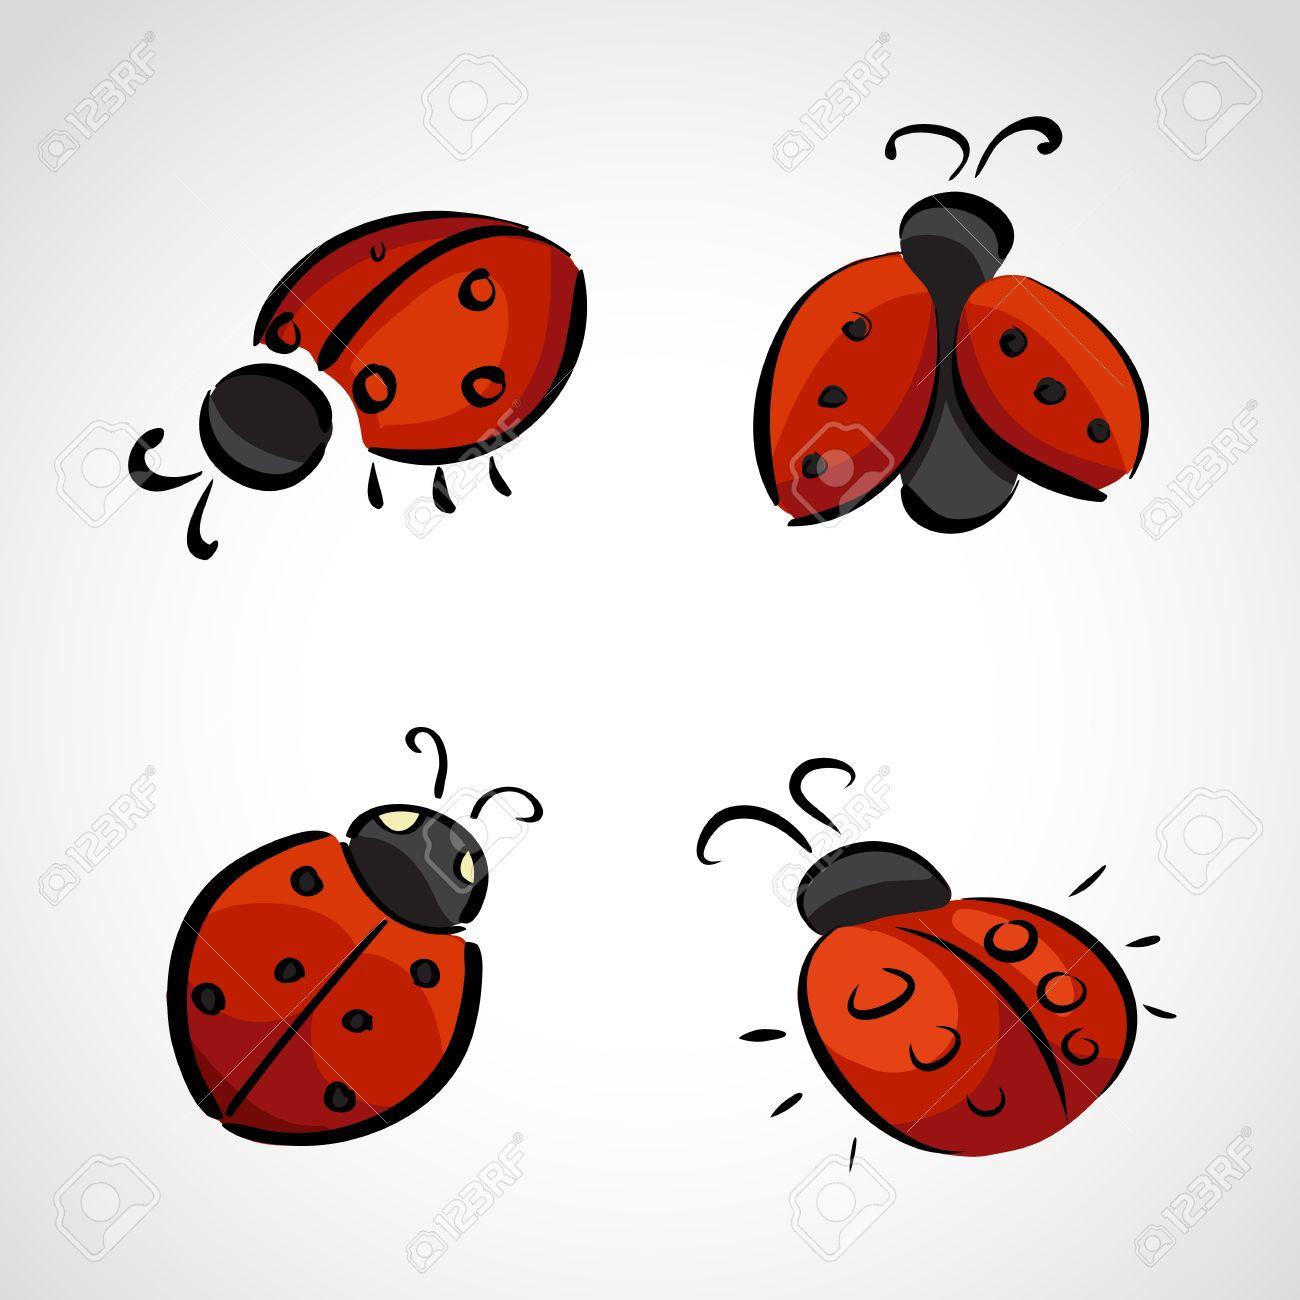 Hand drawn icons set - ladybird (ladybug) - 26056809